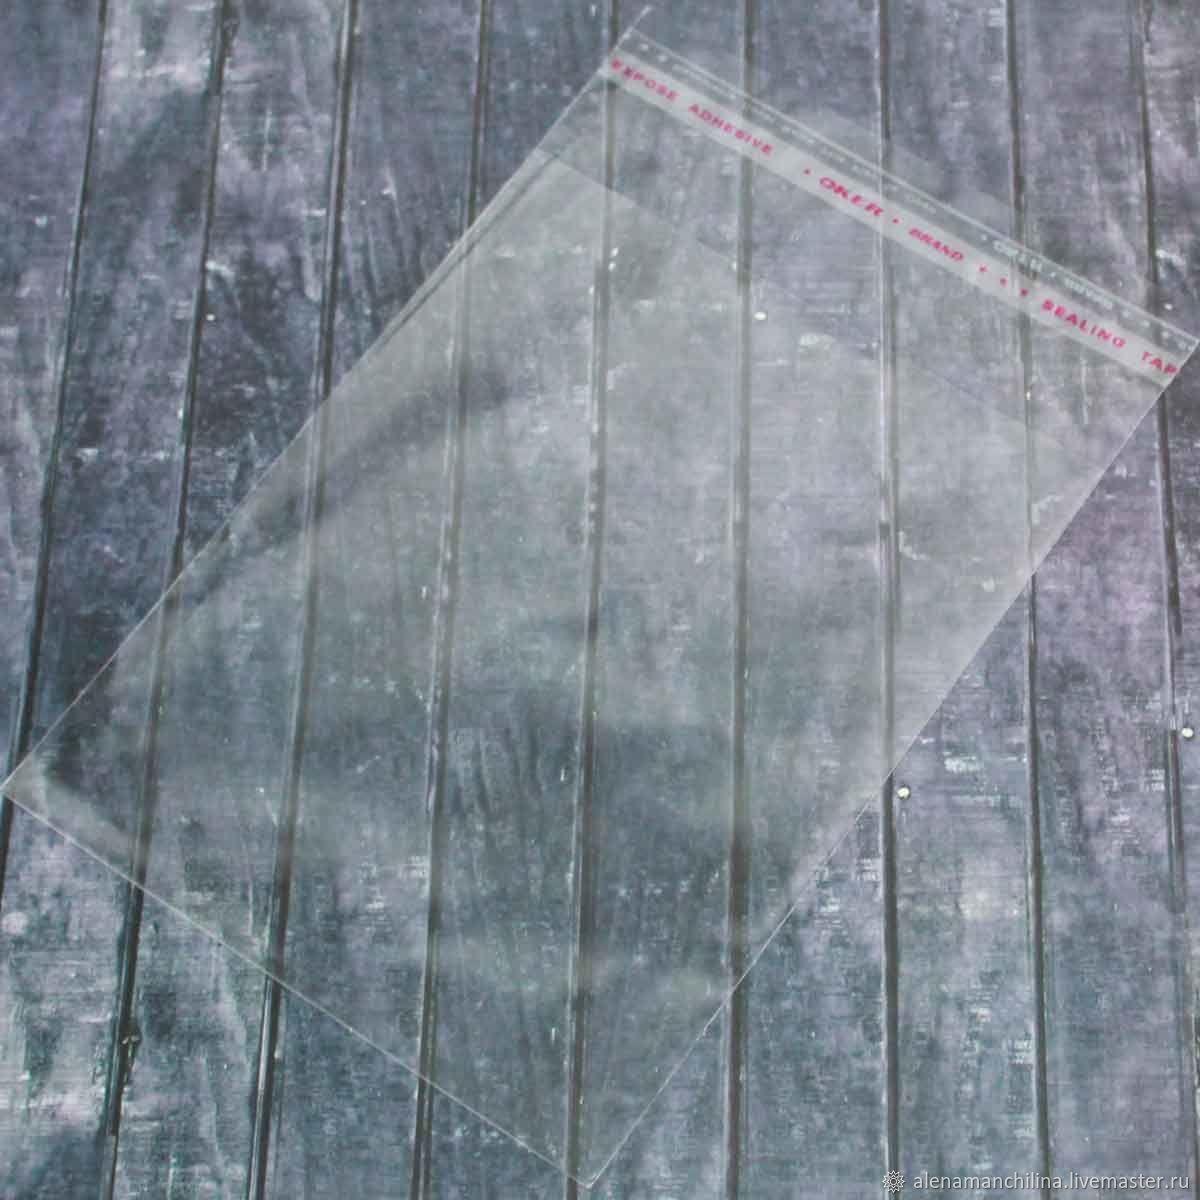 Пакет 12,5х12,5/17 см. ПП прозрачный с клеевым клапаном, Упаковка, Вольск, Фото №1